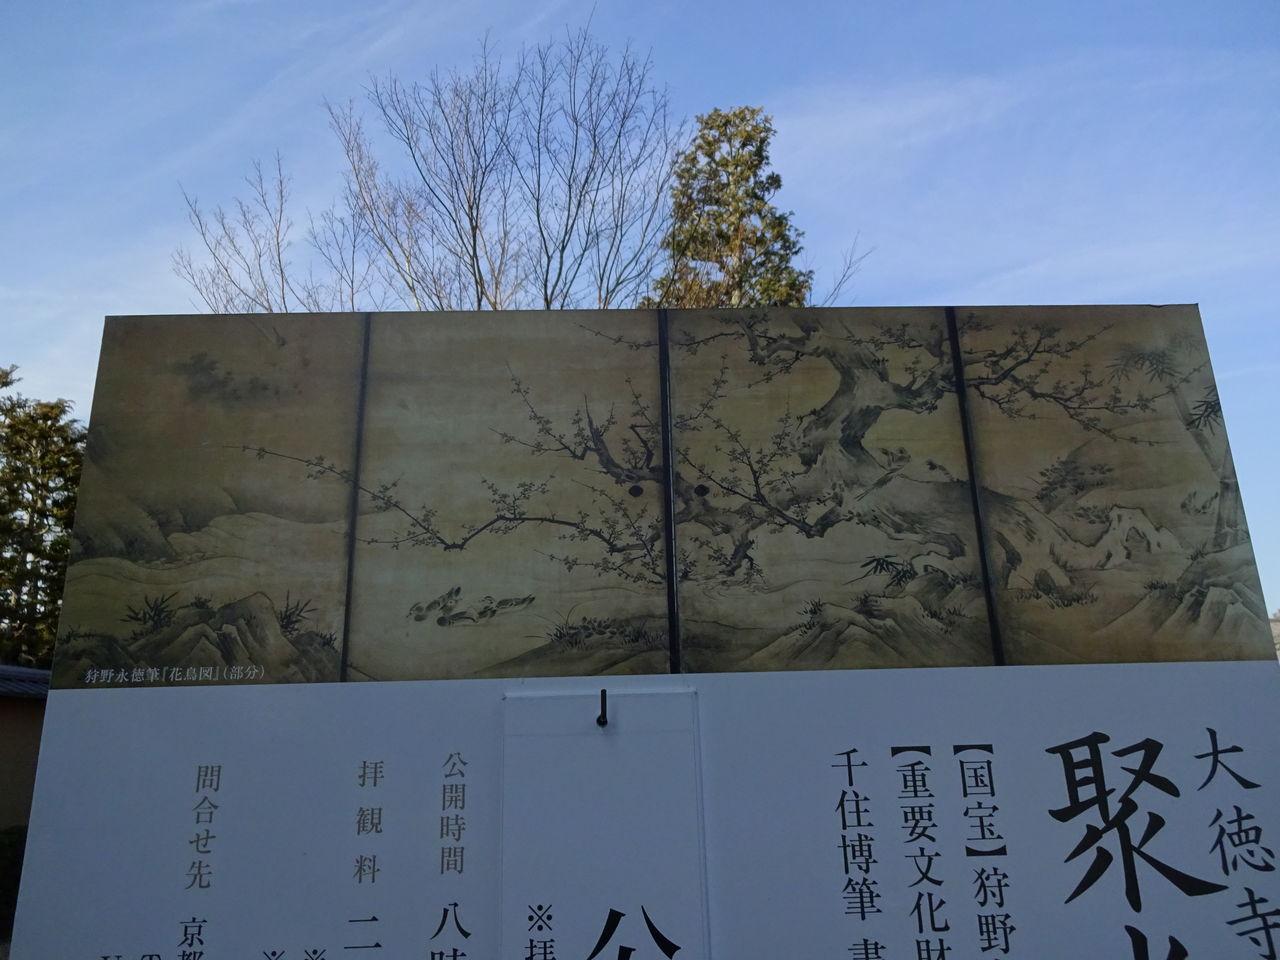 狩野松栄の画像 p1_28